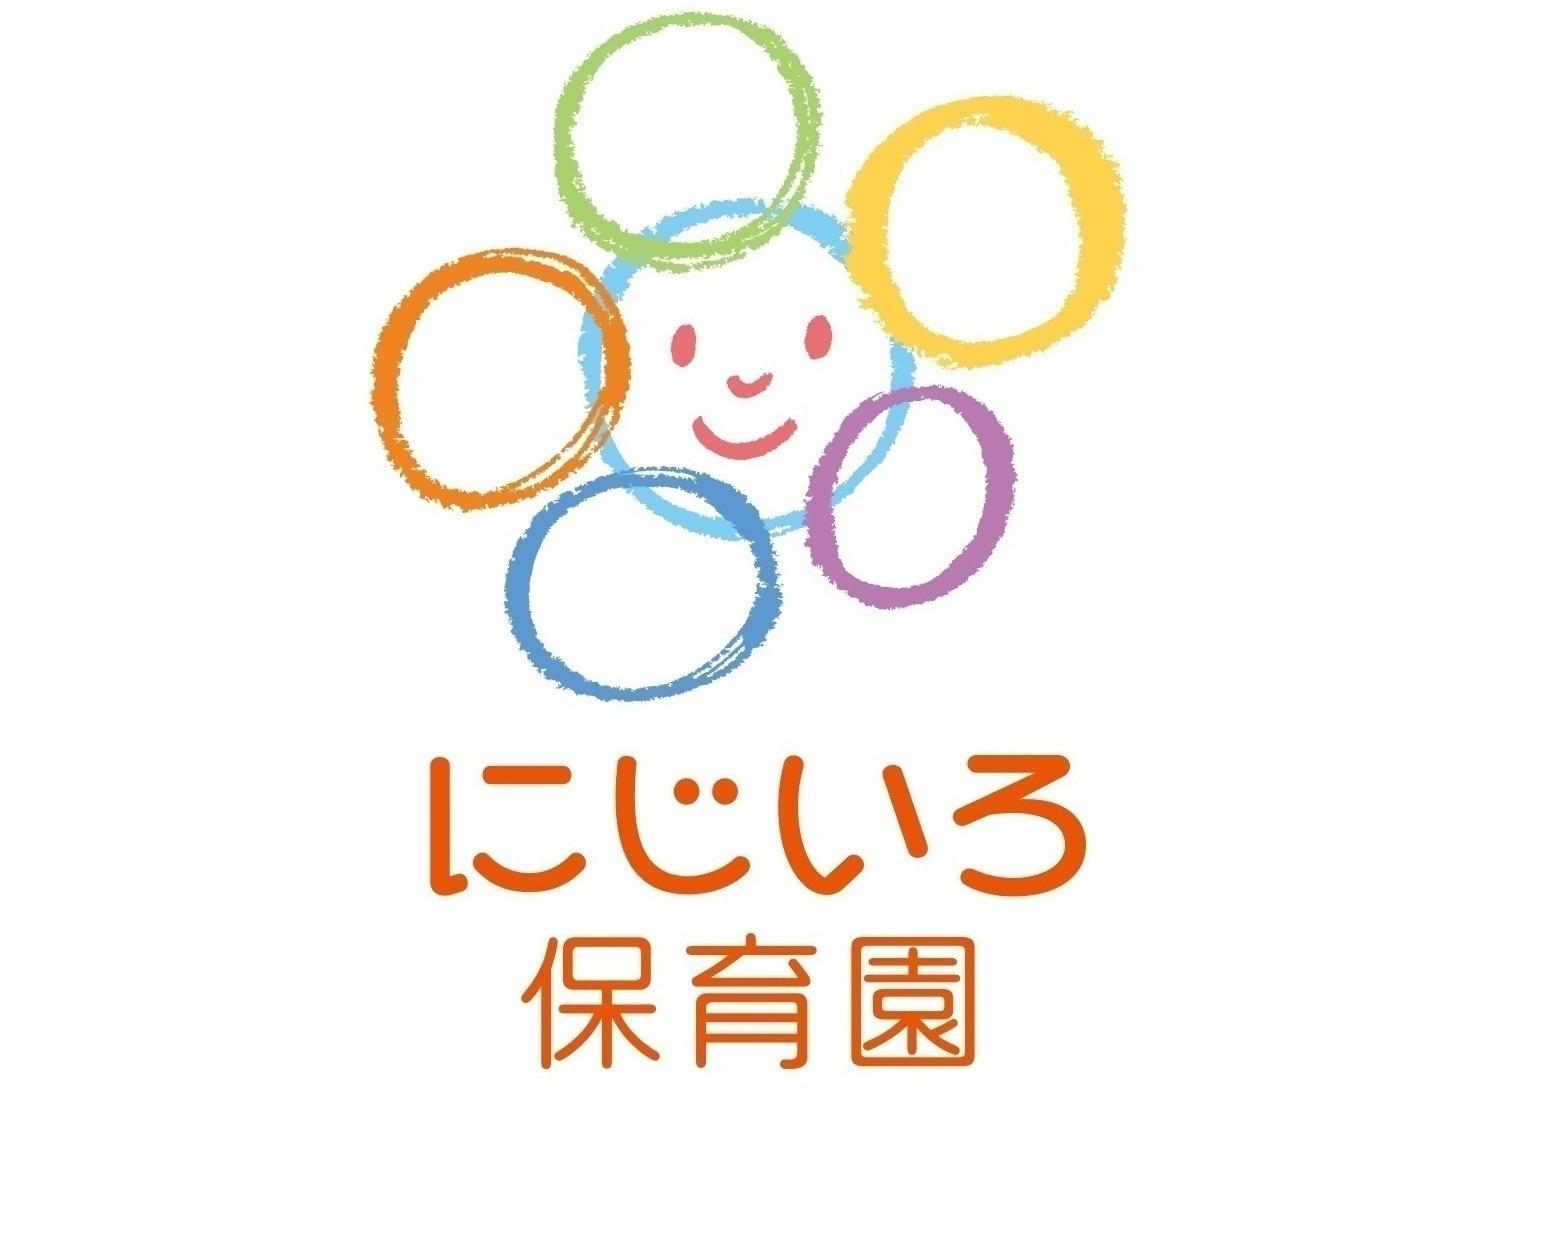 【施設名:にじいろ保育園八雲(2019年4月開園)】